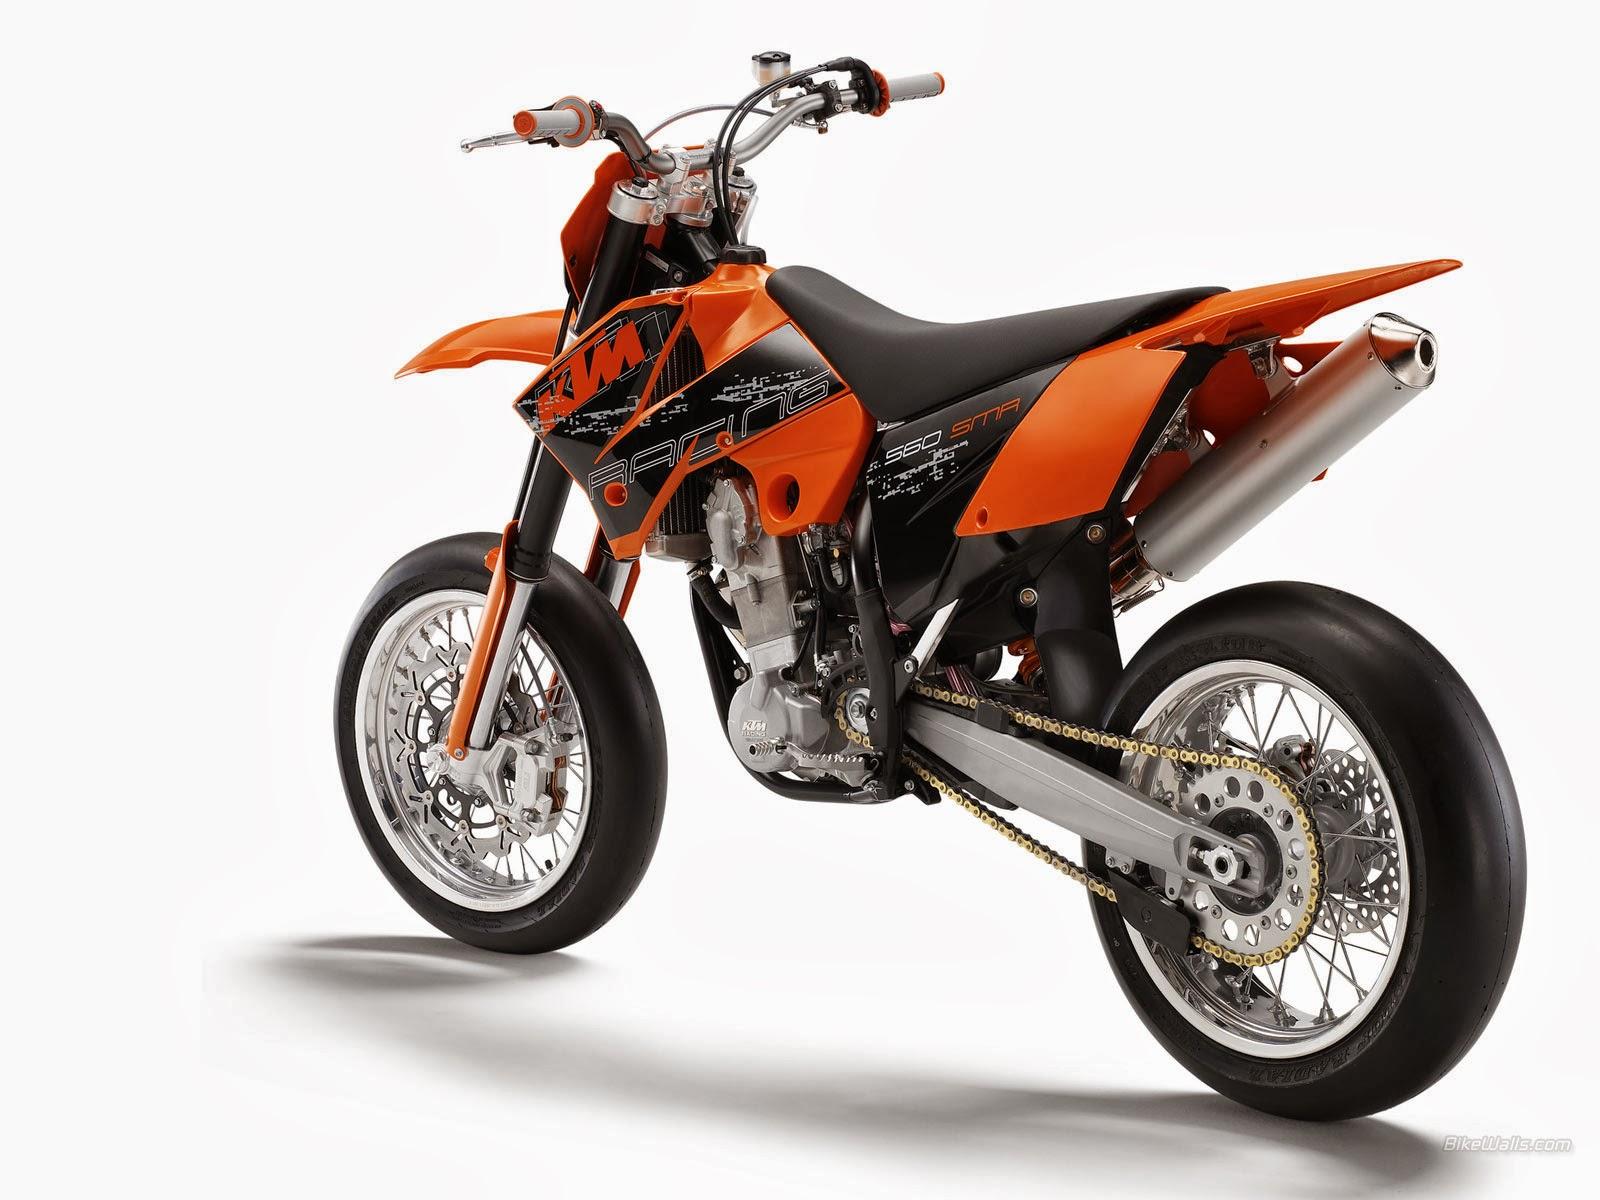 KTM 450 SMR - KTM Motor